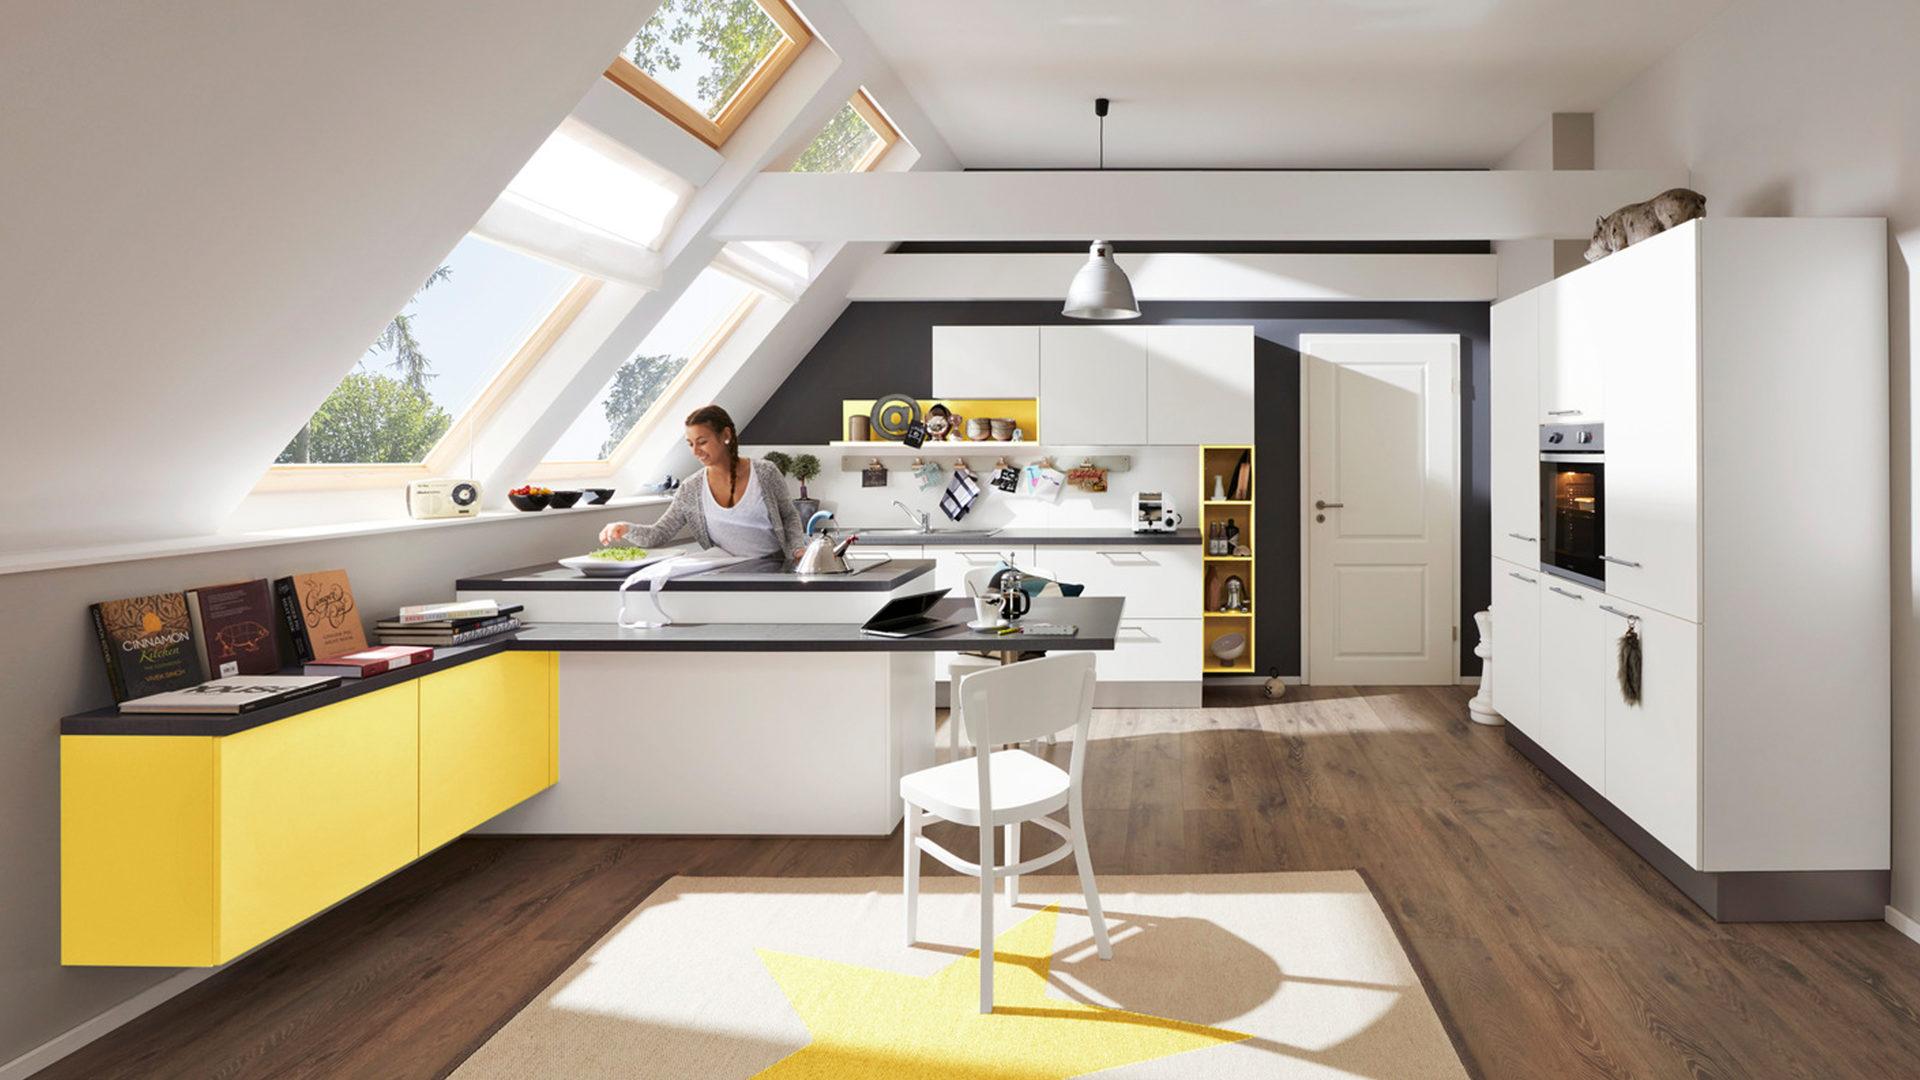 Küchen Bremerhaven möbel steffens lamstedt möbel a z küchen einbauküche